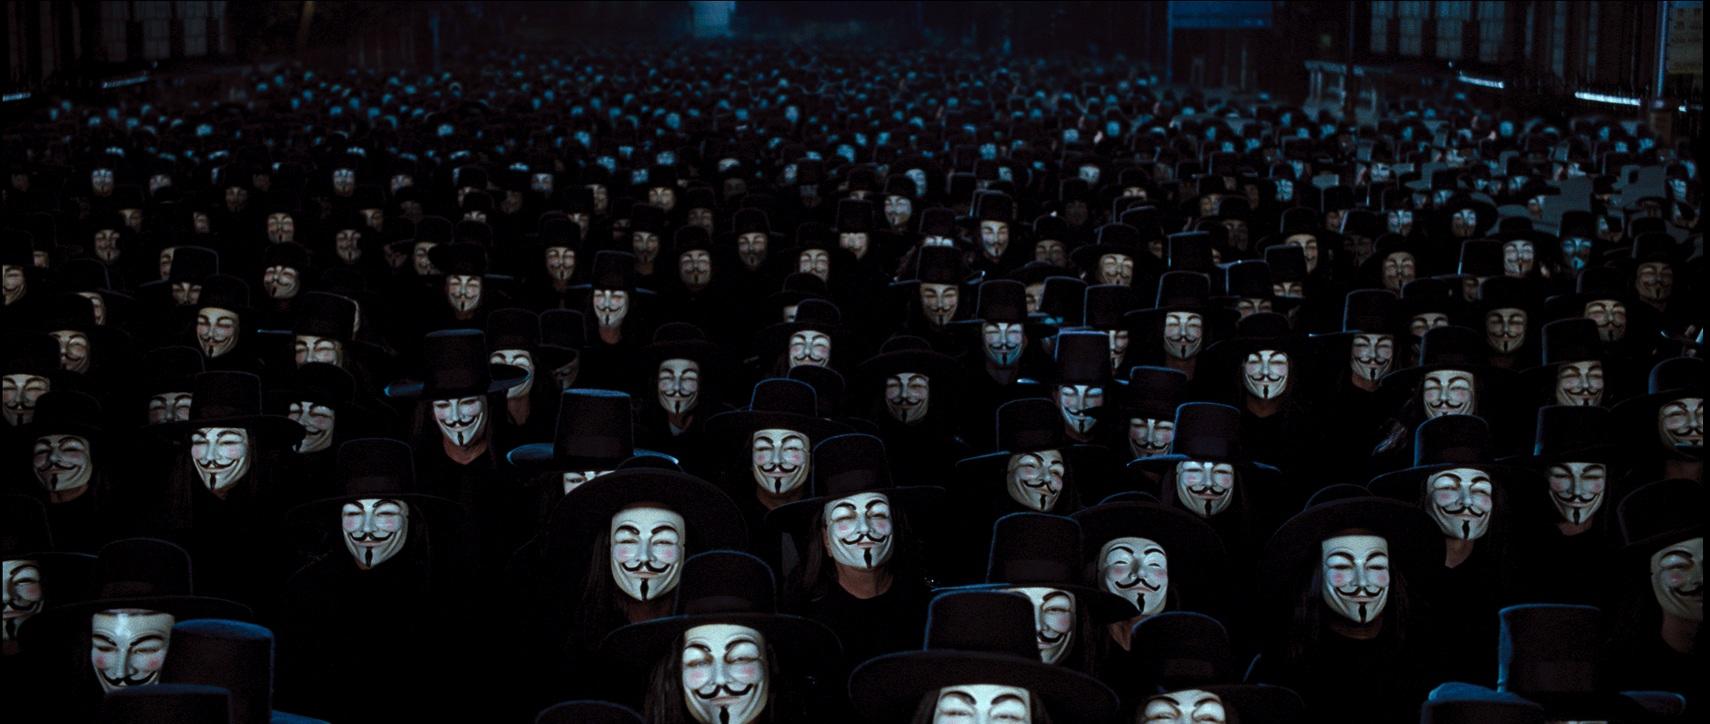 V-For-Vendetta-3a.jpg